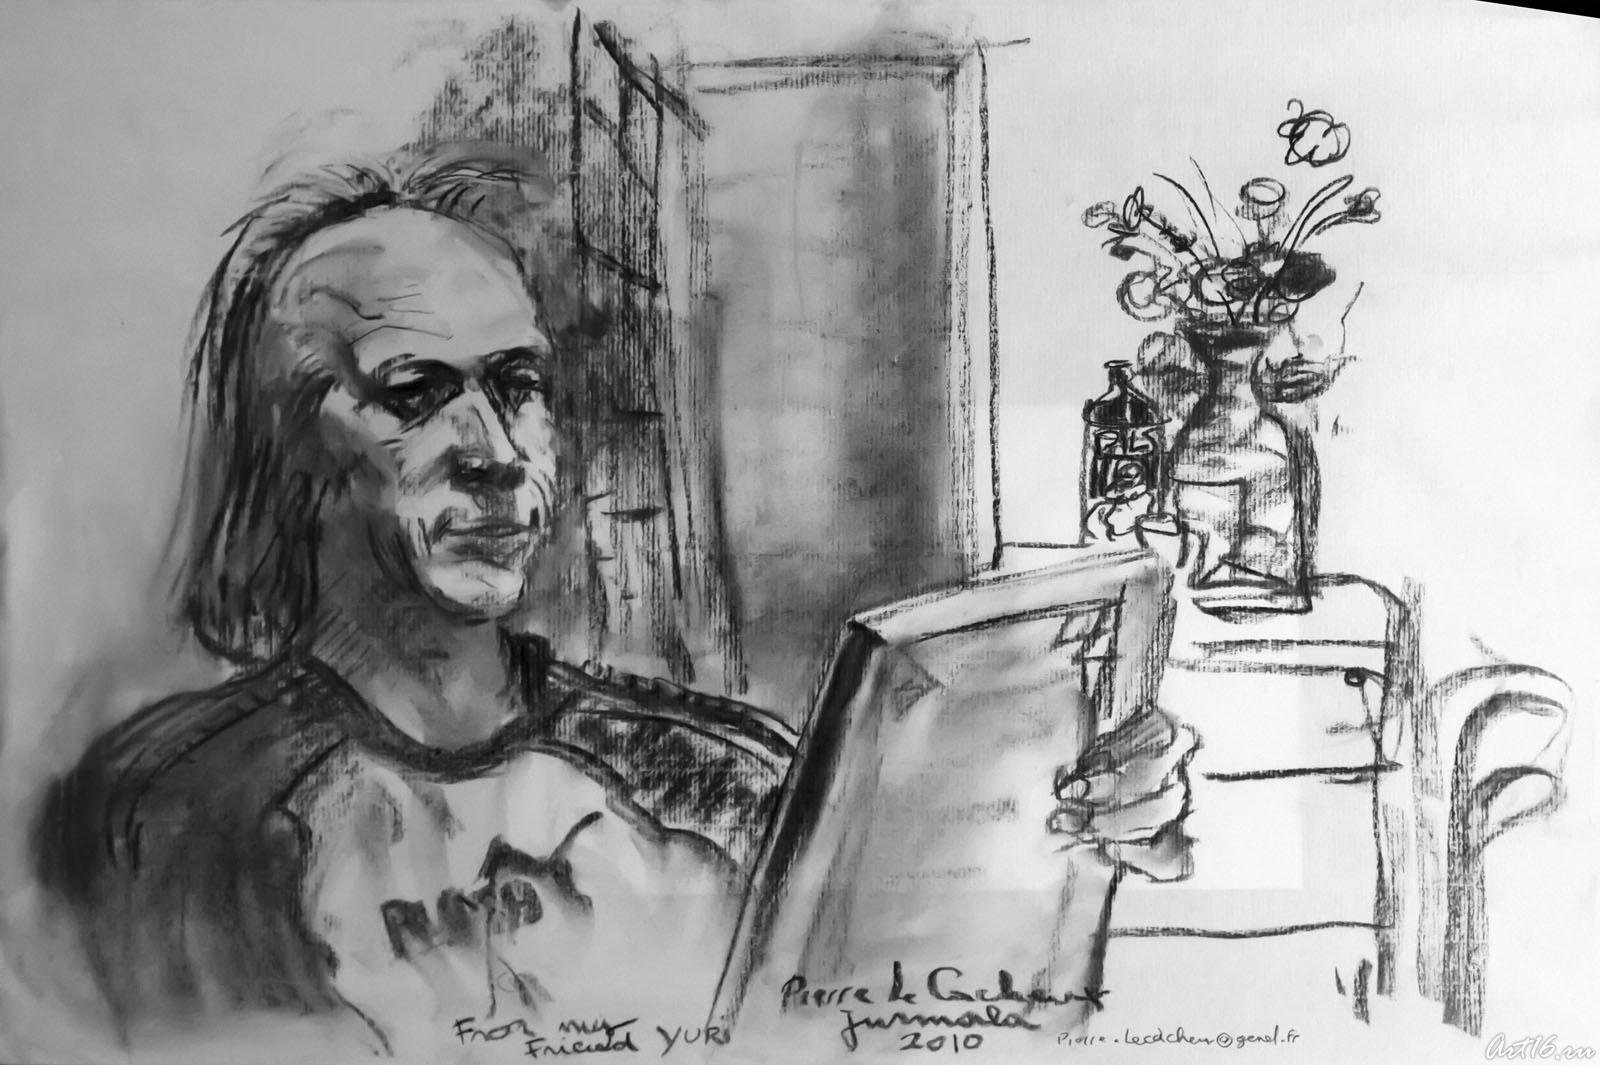 Портрет. ЛяКох П,, г. Париж (Франция)::Республиканская выставка графики — 2010